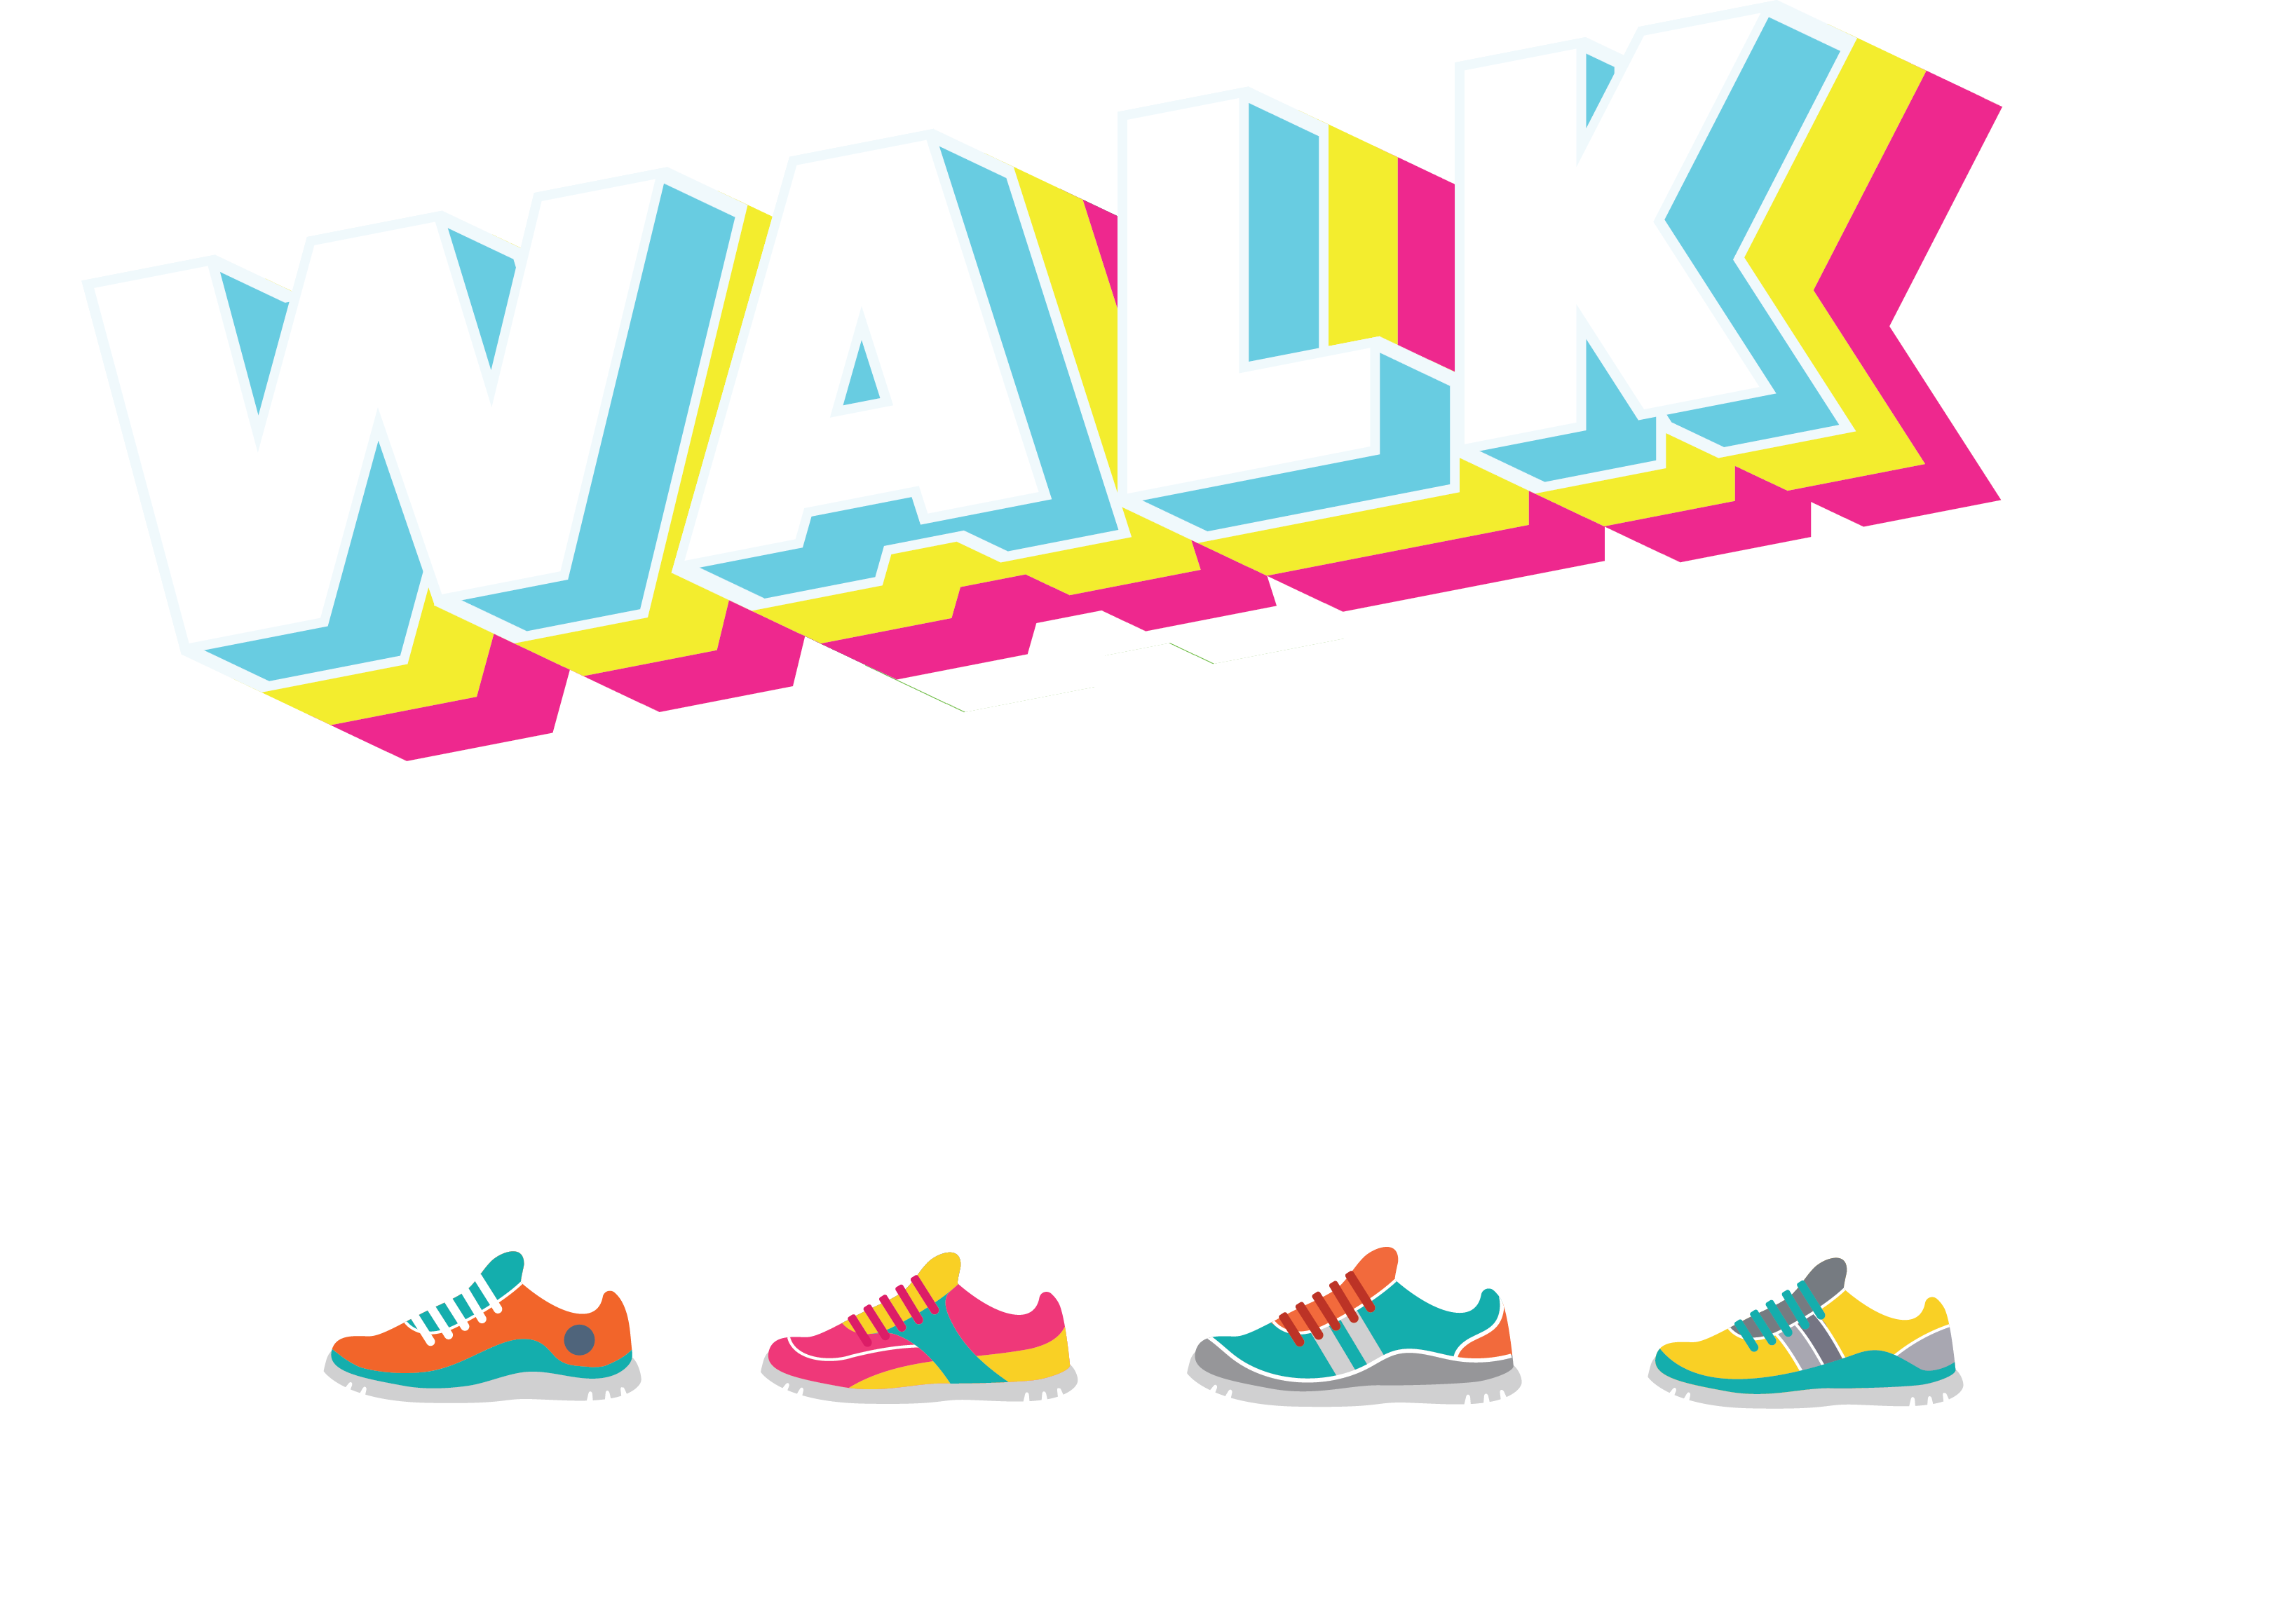 Walk Together logo